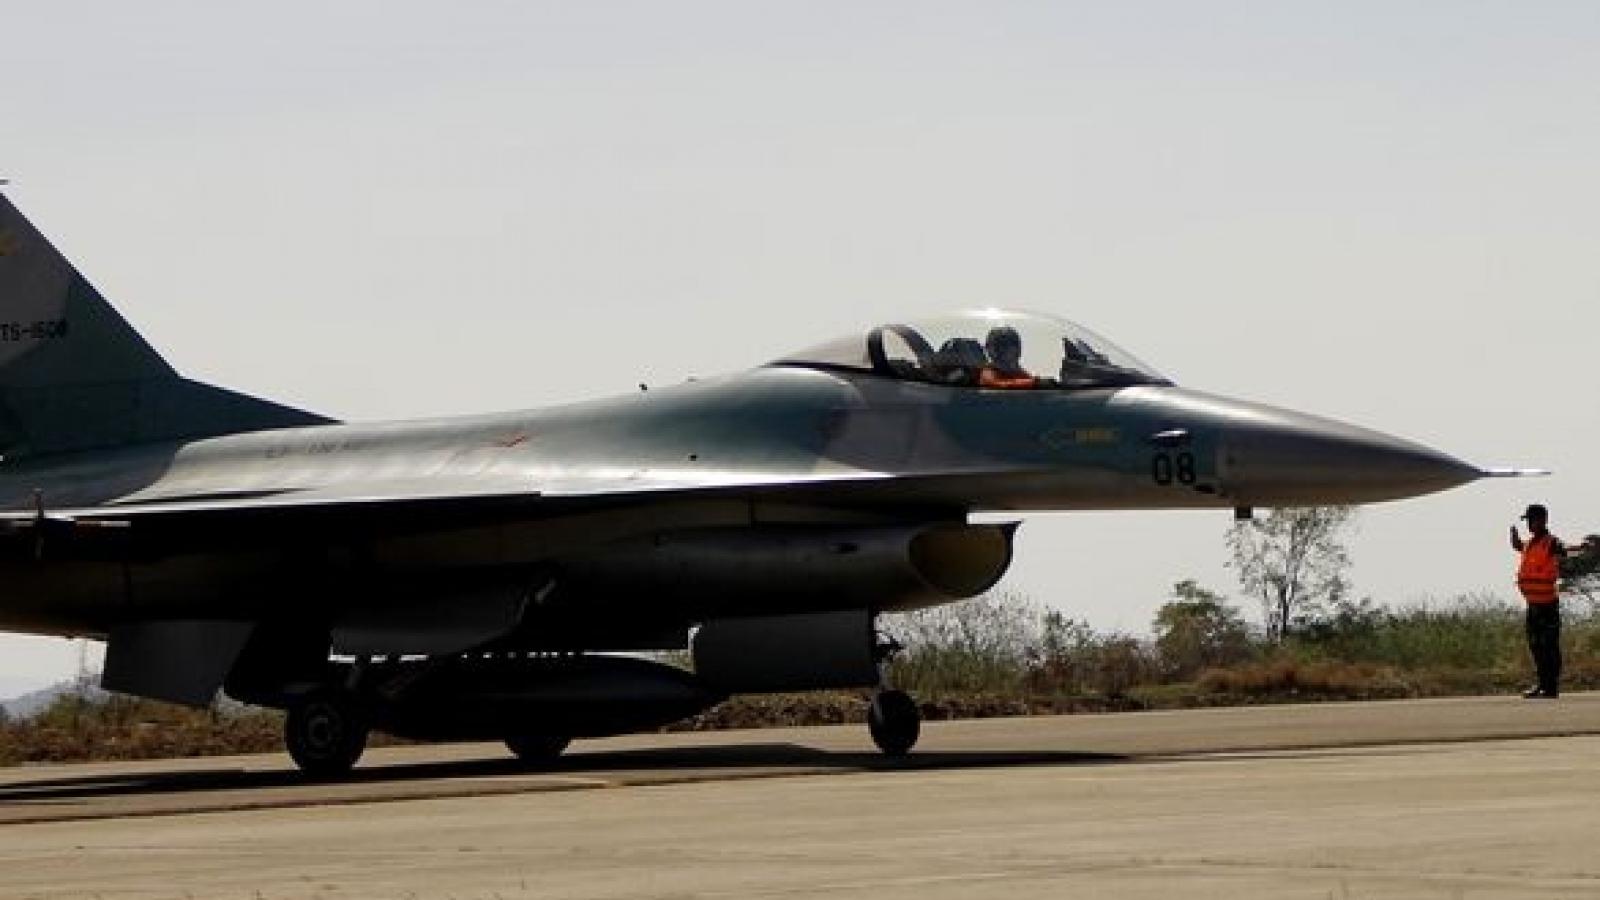 Không quân Mỹ và Indonesia tập trận chung trong bối cảnh đại dịch Covid-19